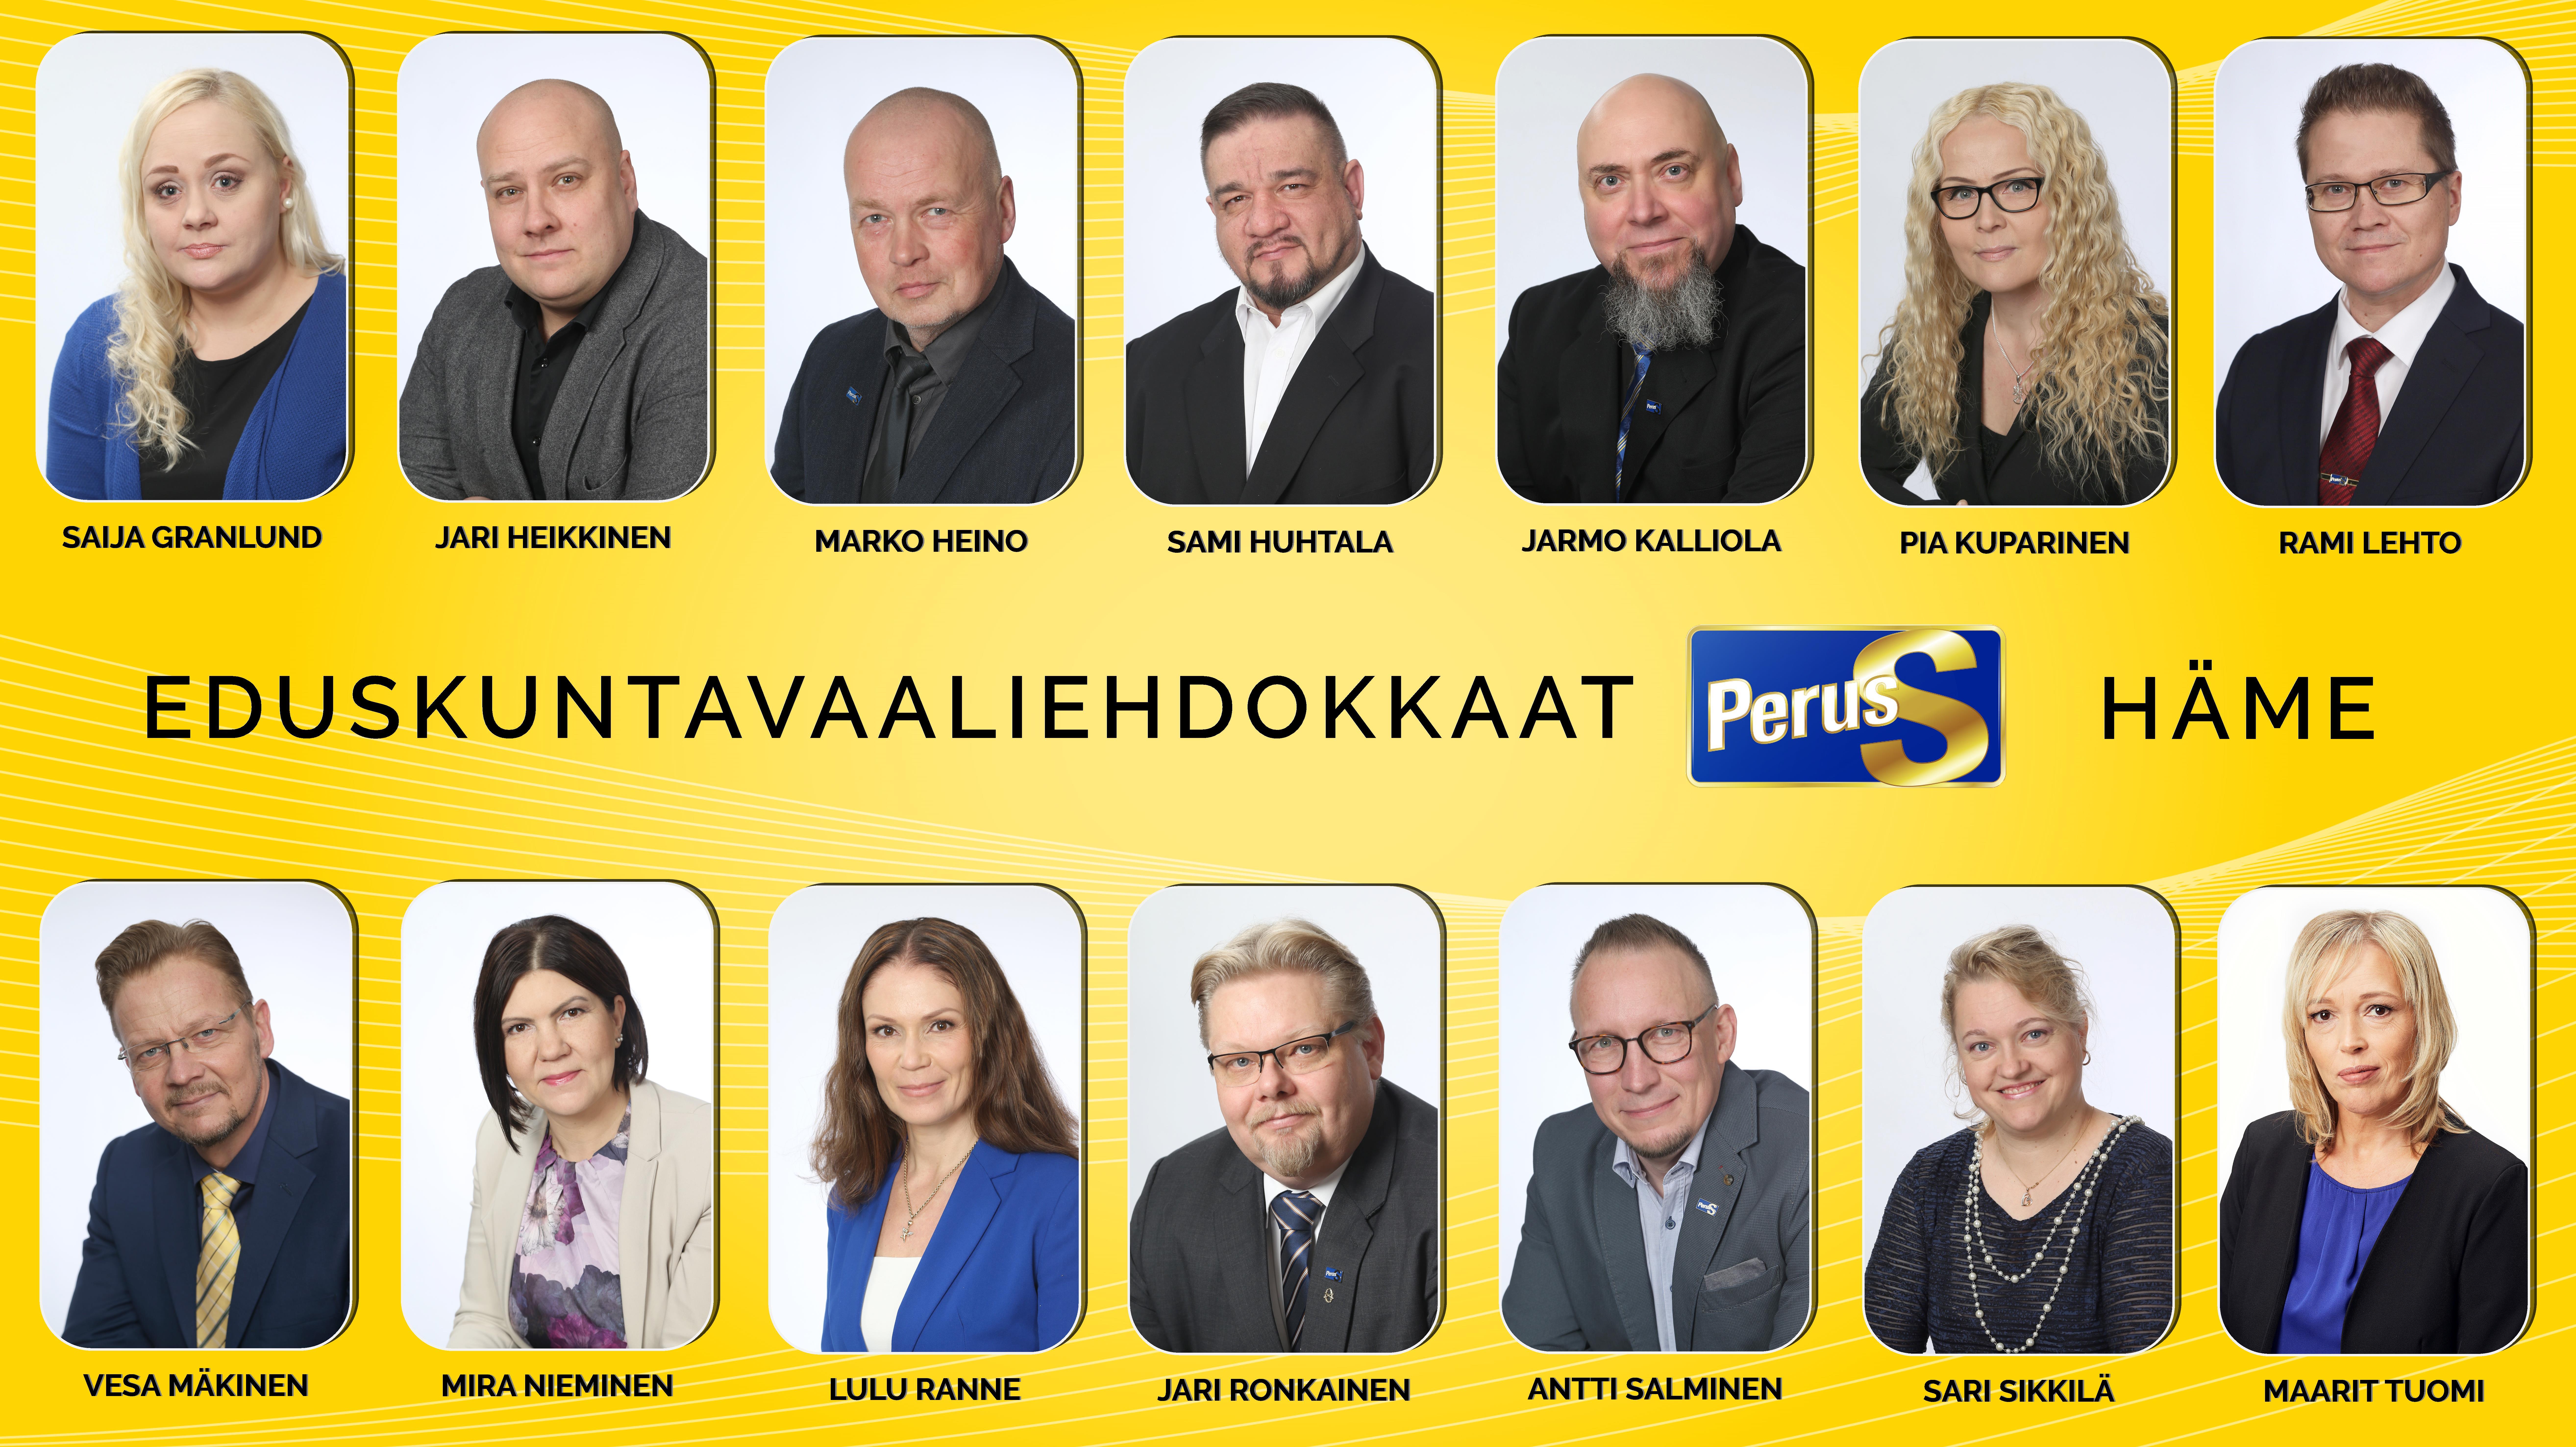 Keskustan Eurovaaliehdokkaat